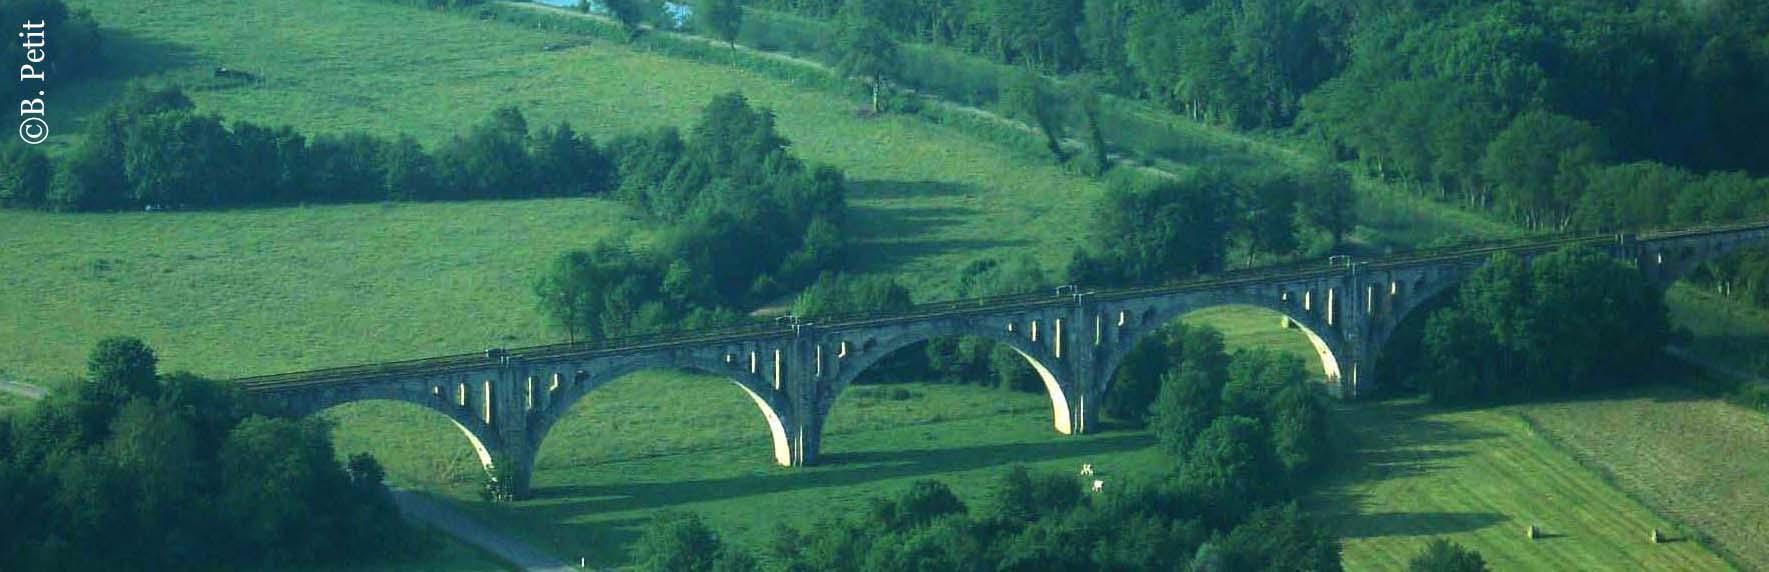 Le Viaduc d'Oisilly